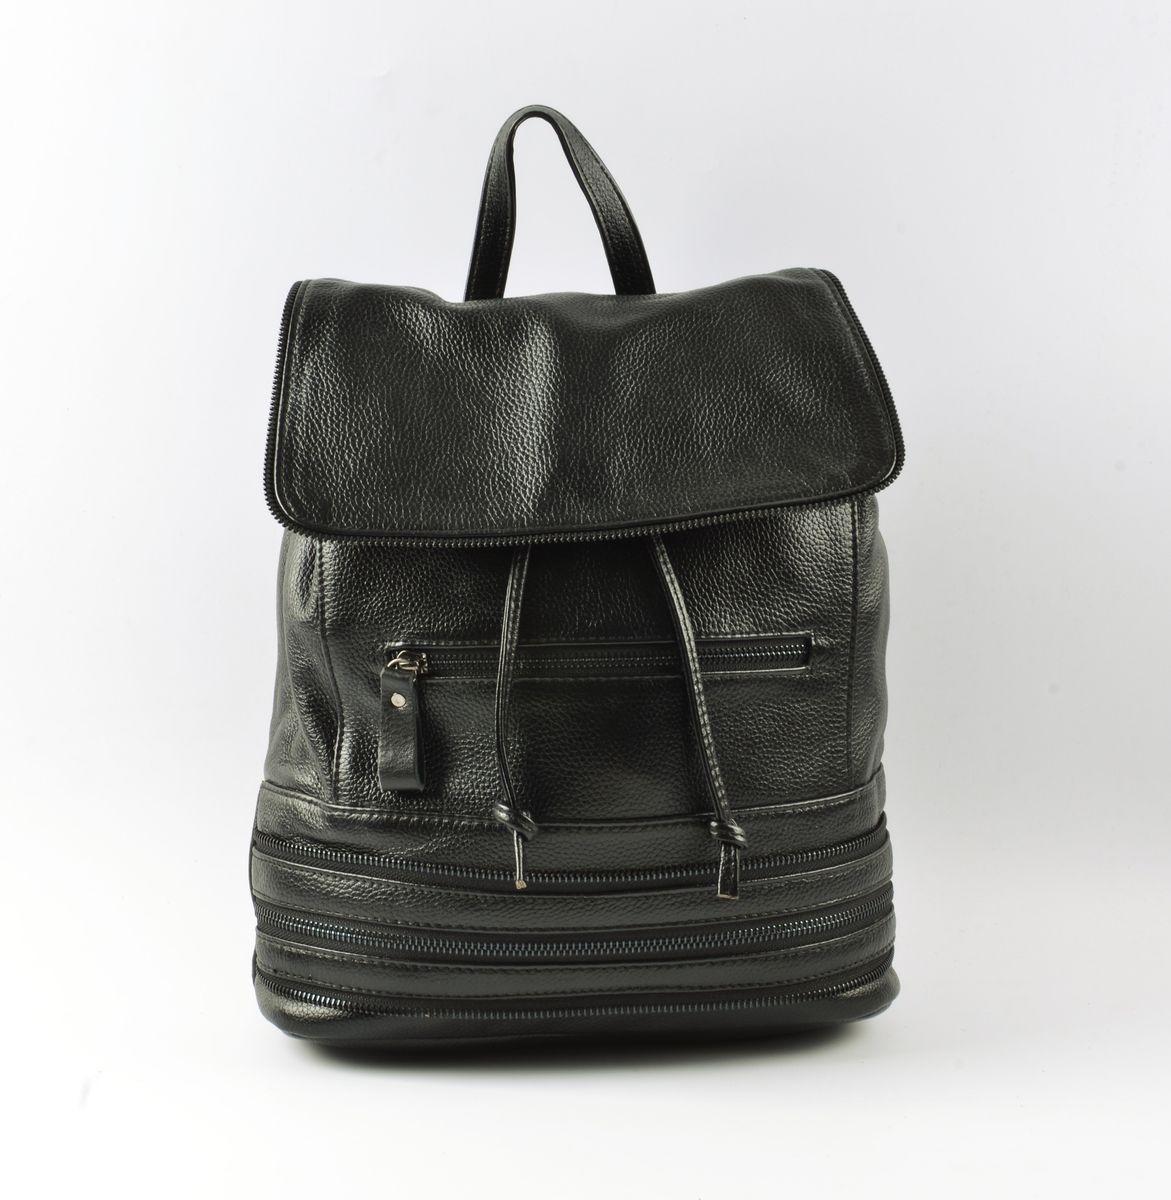 Сумка на плечо Topo Fortunato baifeng baifeng плечо сумка стиль элегантный серии корейский случайный свет мини чистый цвет нейлон гарнитура отверстие рюкзак женский черный